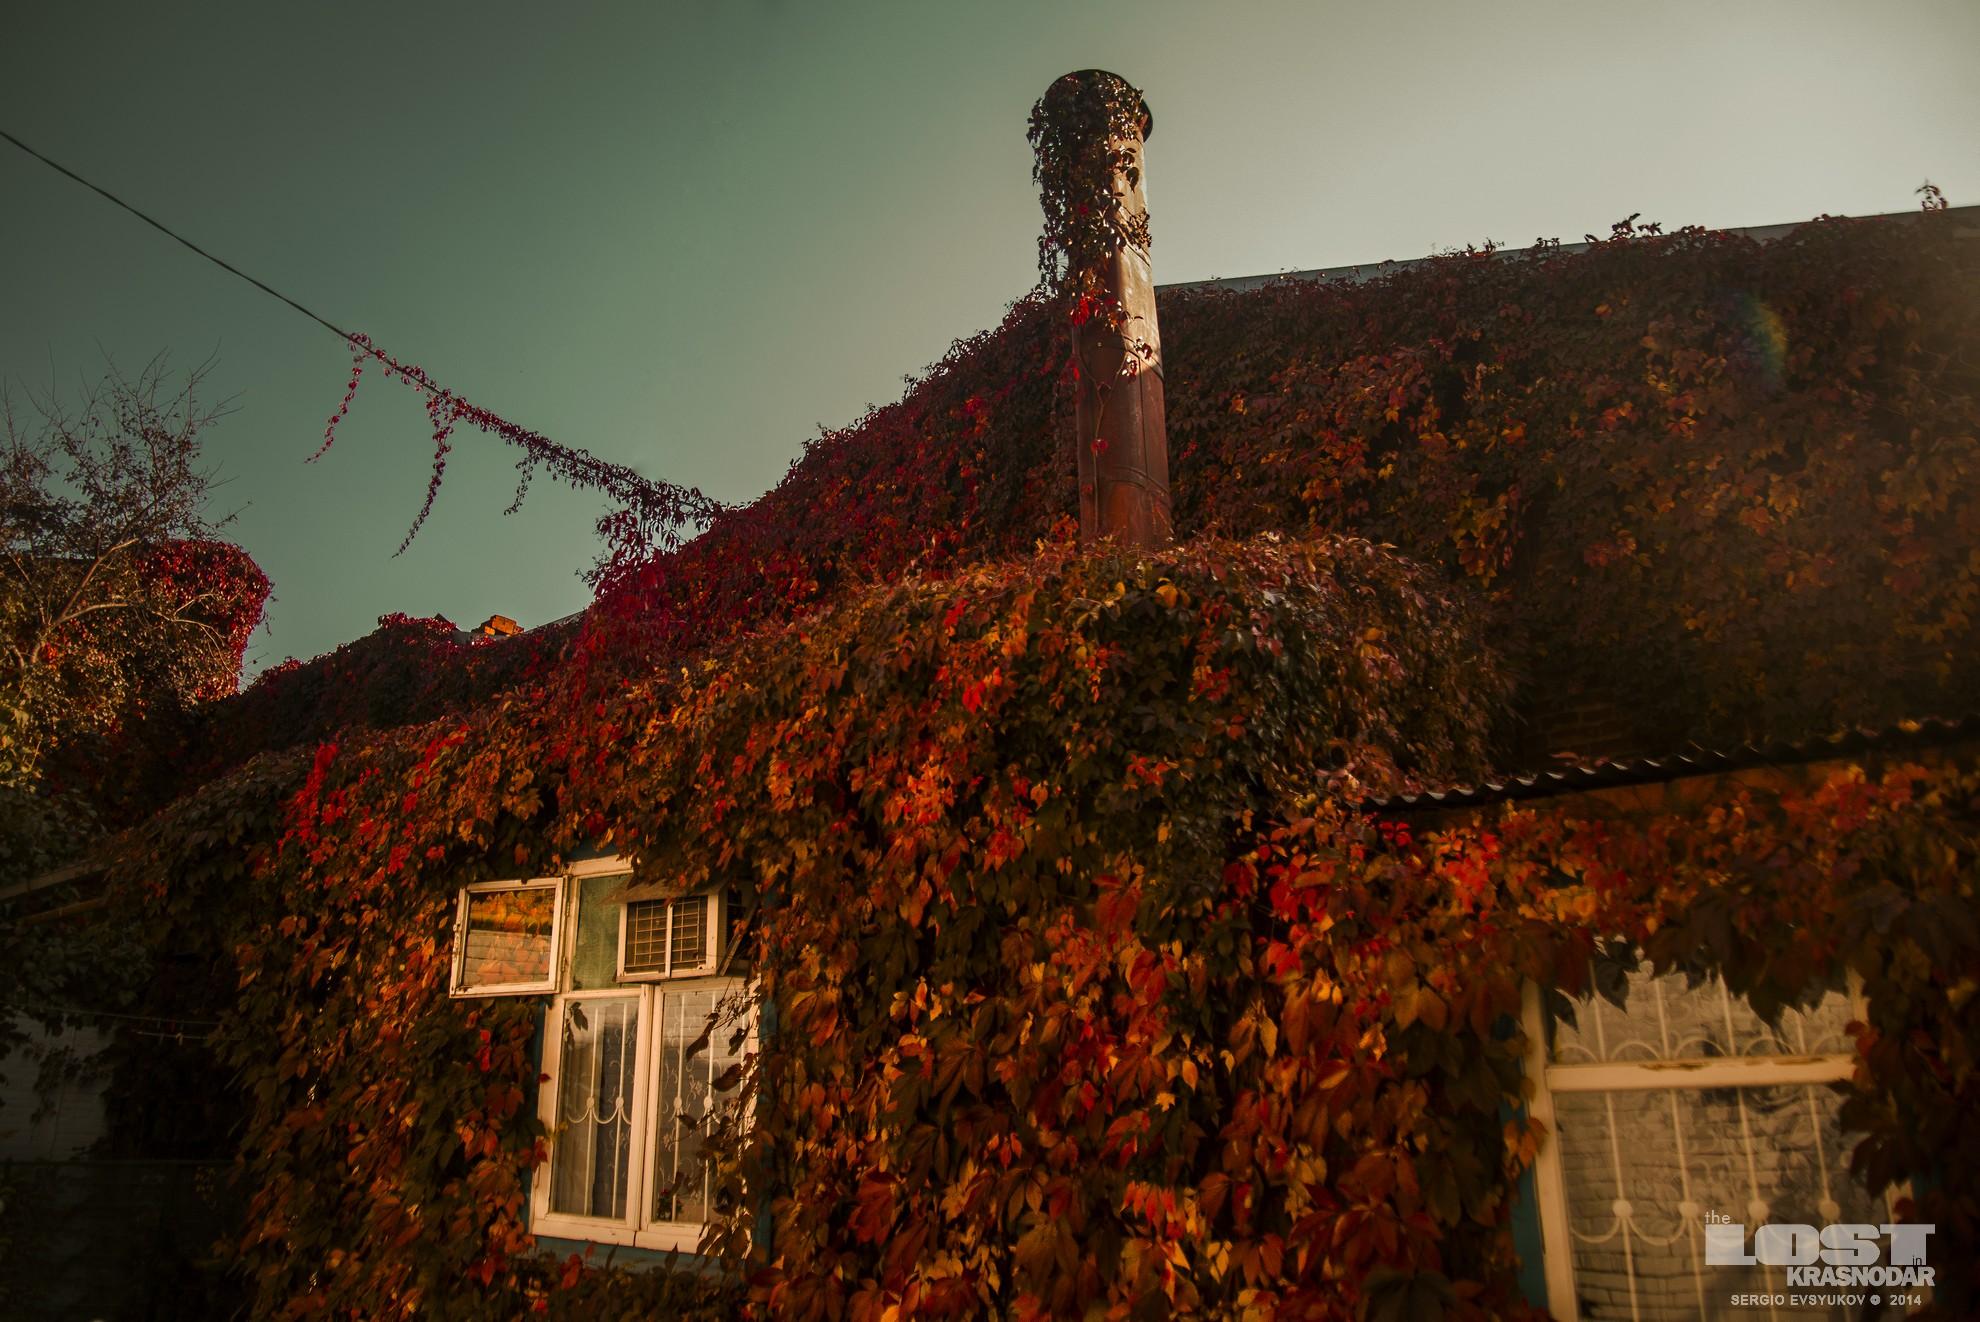 Обвитая пахизандрой стена жилого дома в Краснодаре осенью